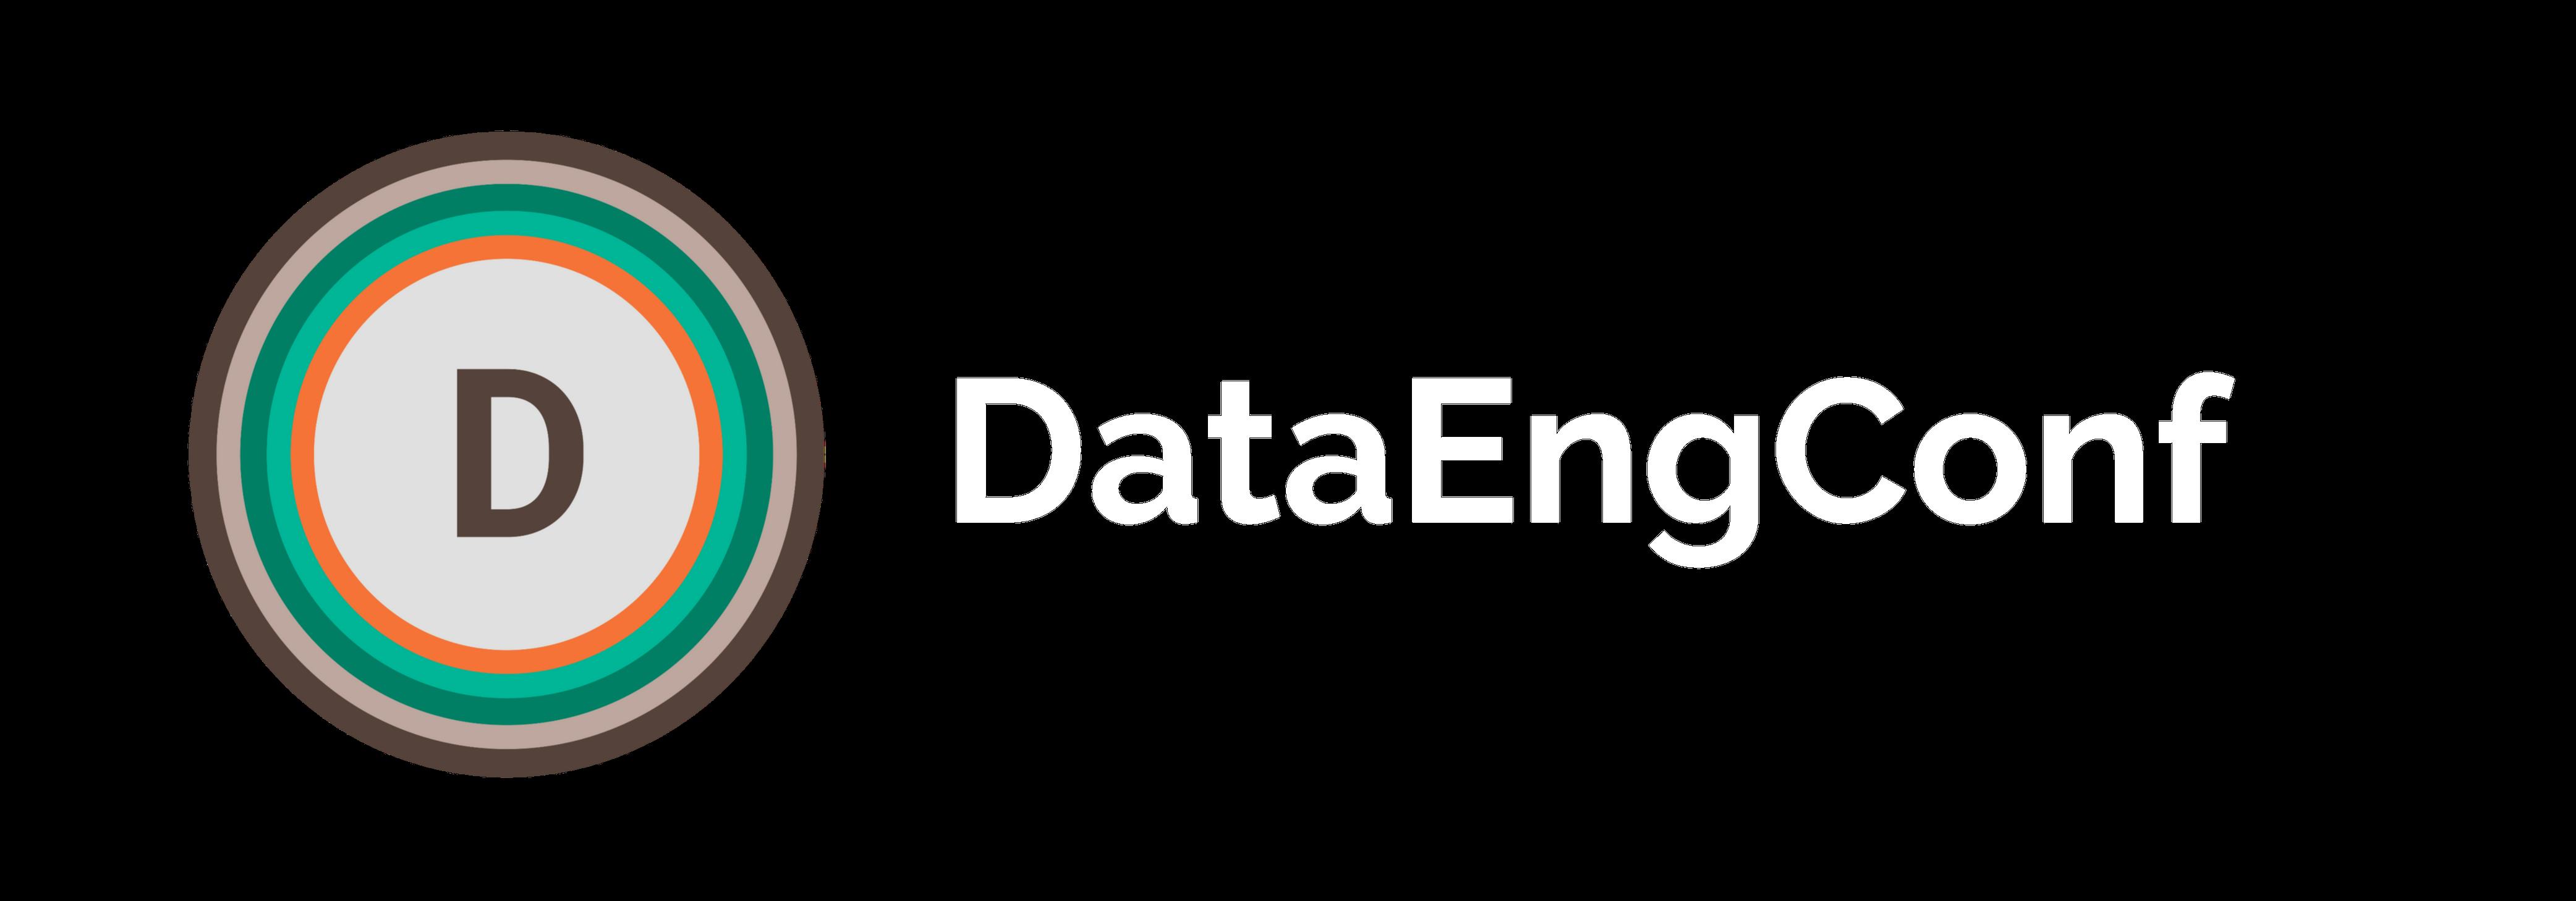 DataEngConf Logo New.png